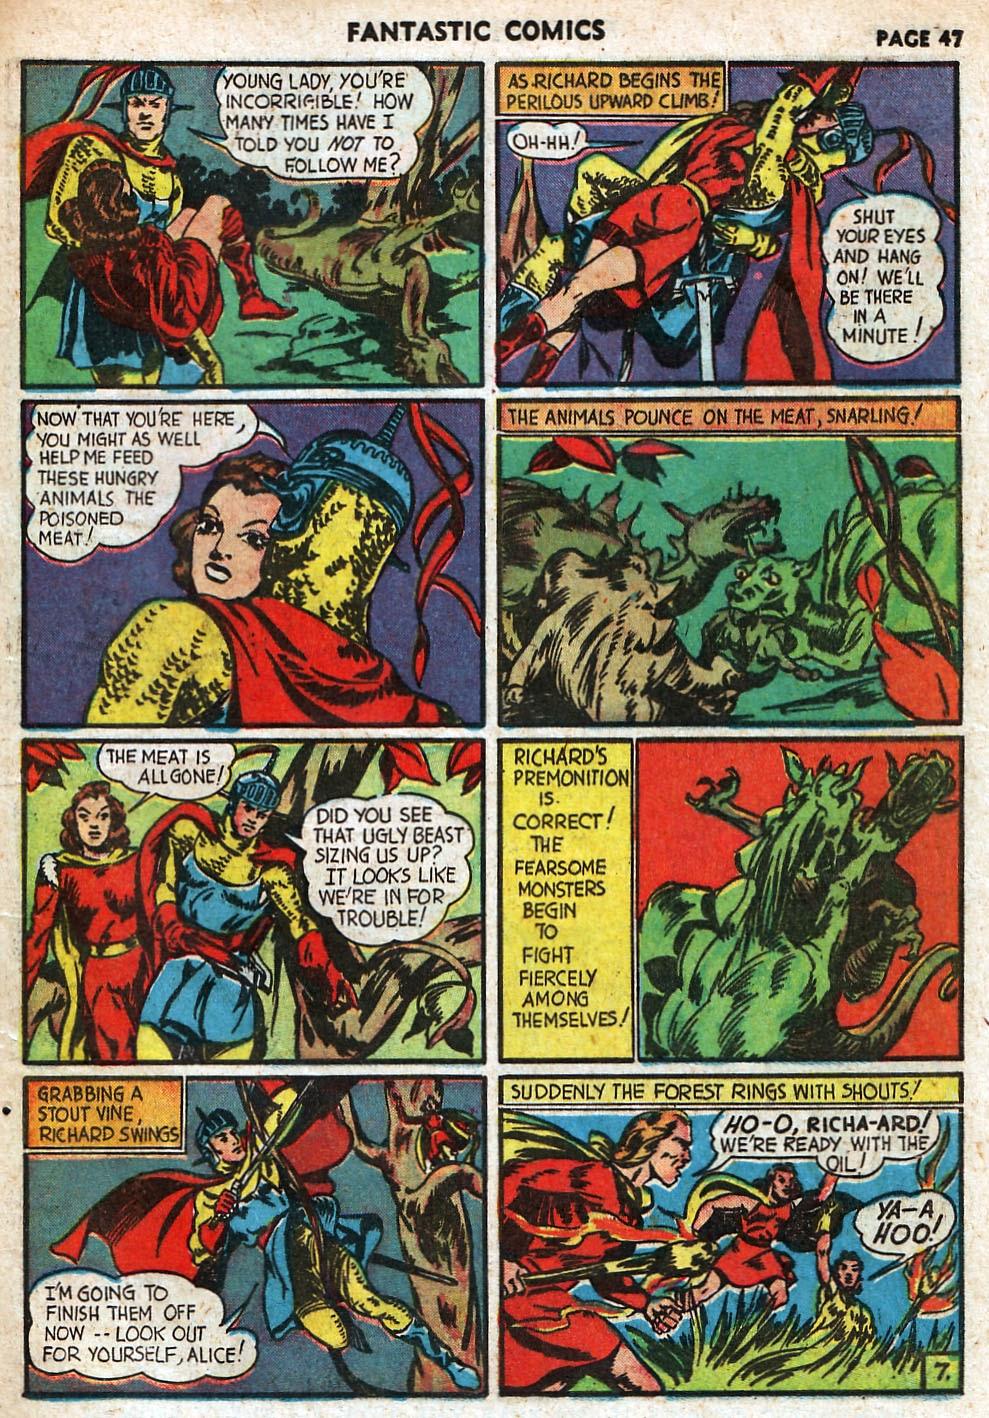 Read online Fantastic Comics comic -  Issue #18 - 49